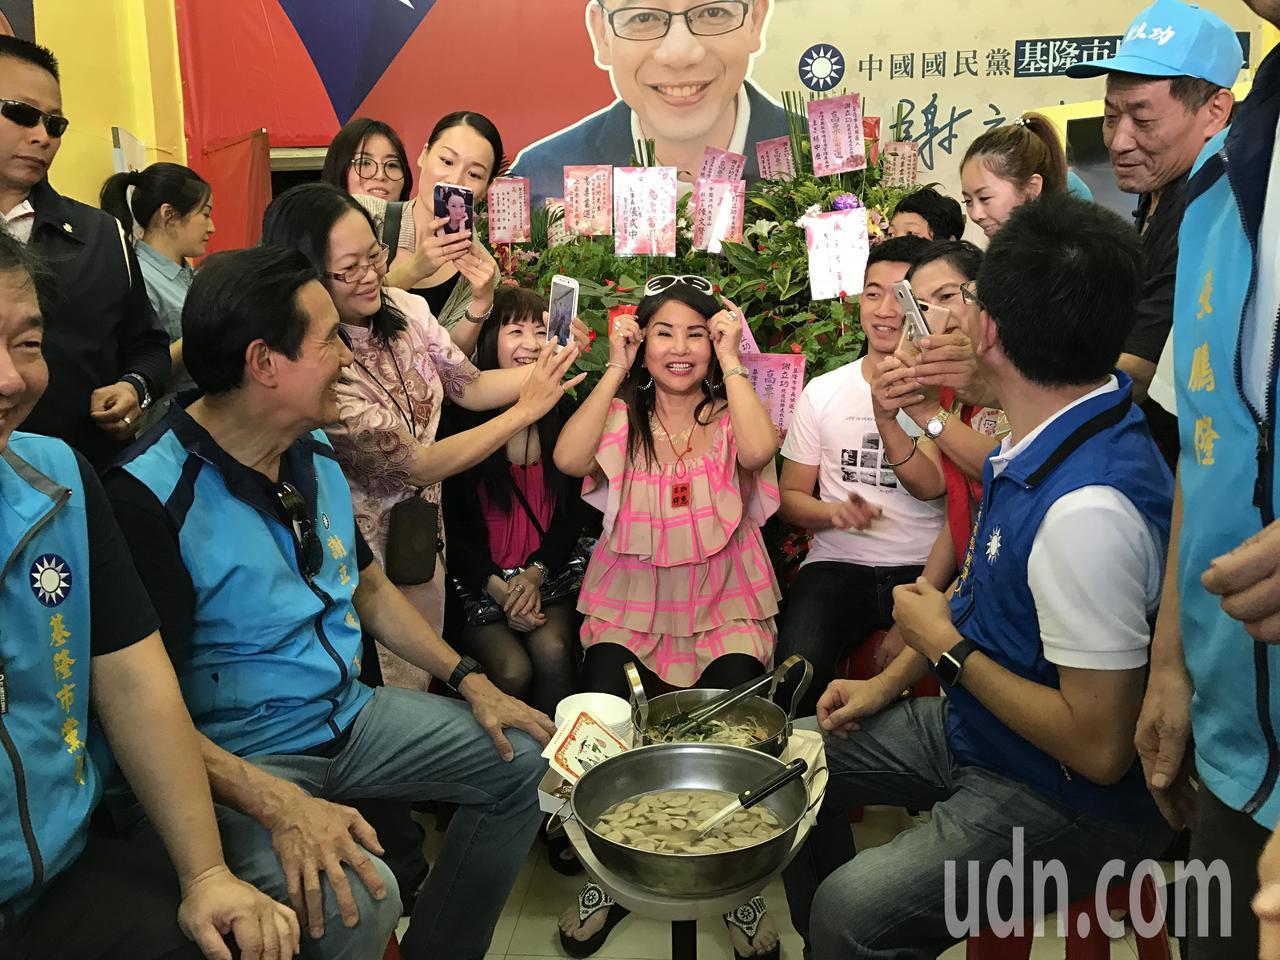 馬英九在謝立功總部吃炒米粉被大批粉絲包圍,被問到會不會不自在,他竟歪頭用嗲音說,...